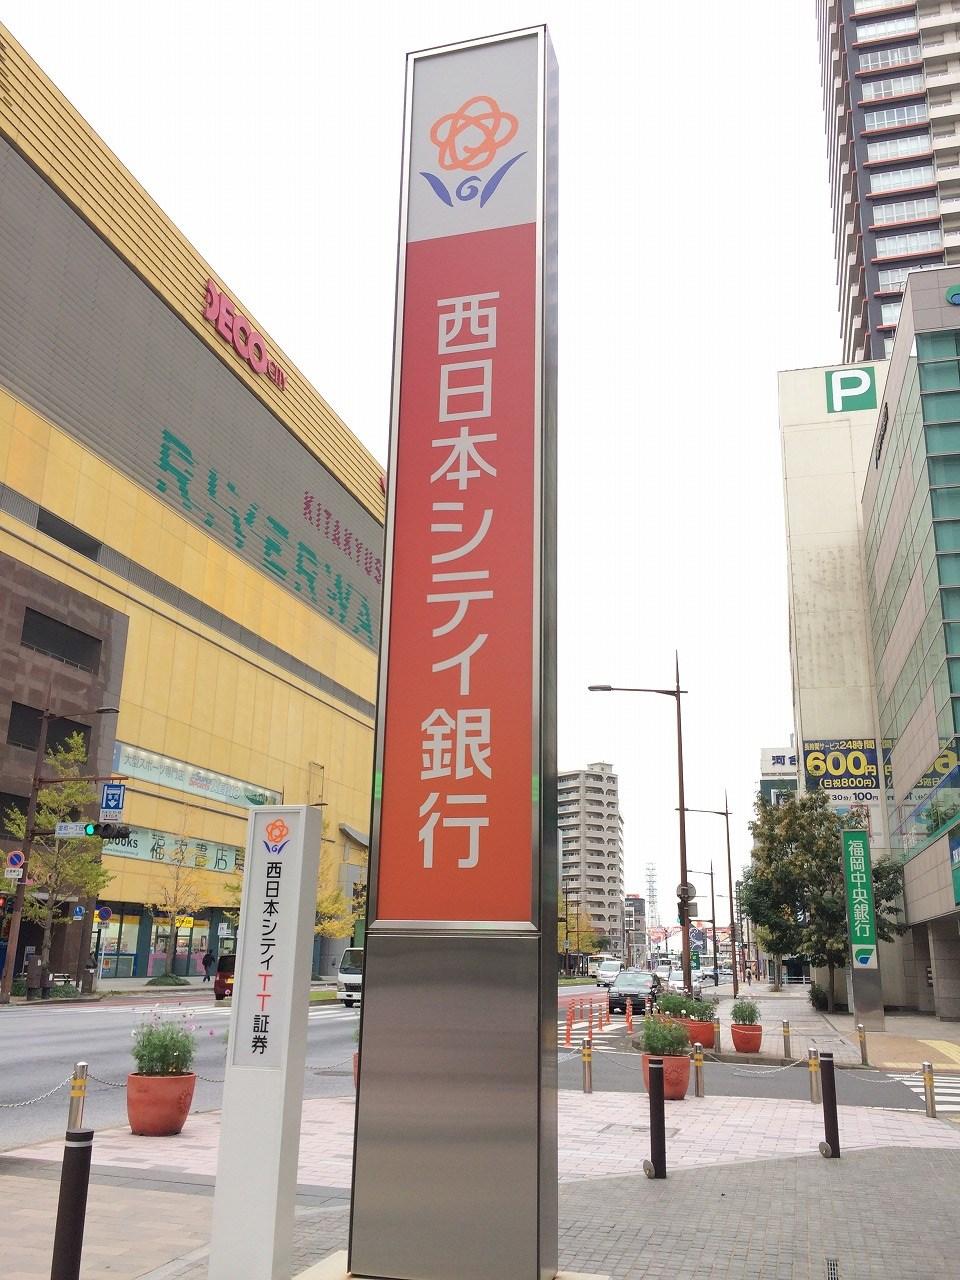 銀行:西日本シティ銀行 マルショク富野店 (ATM) 683m